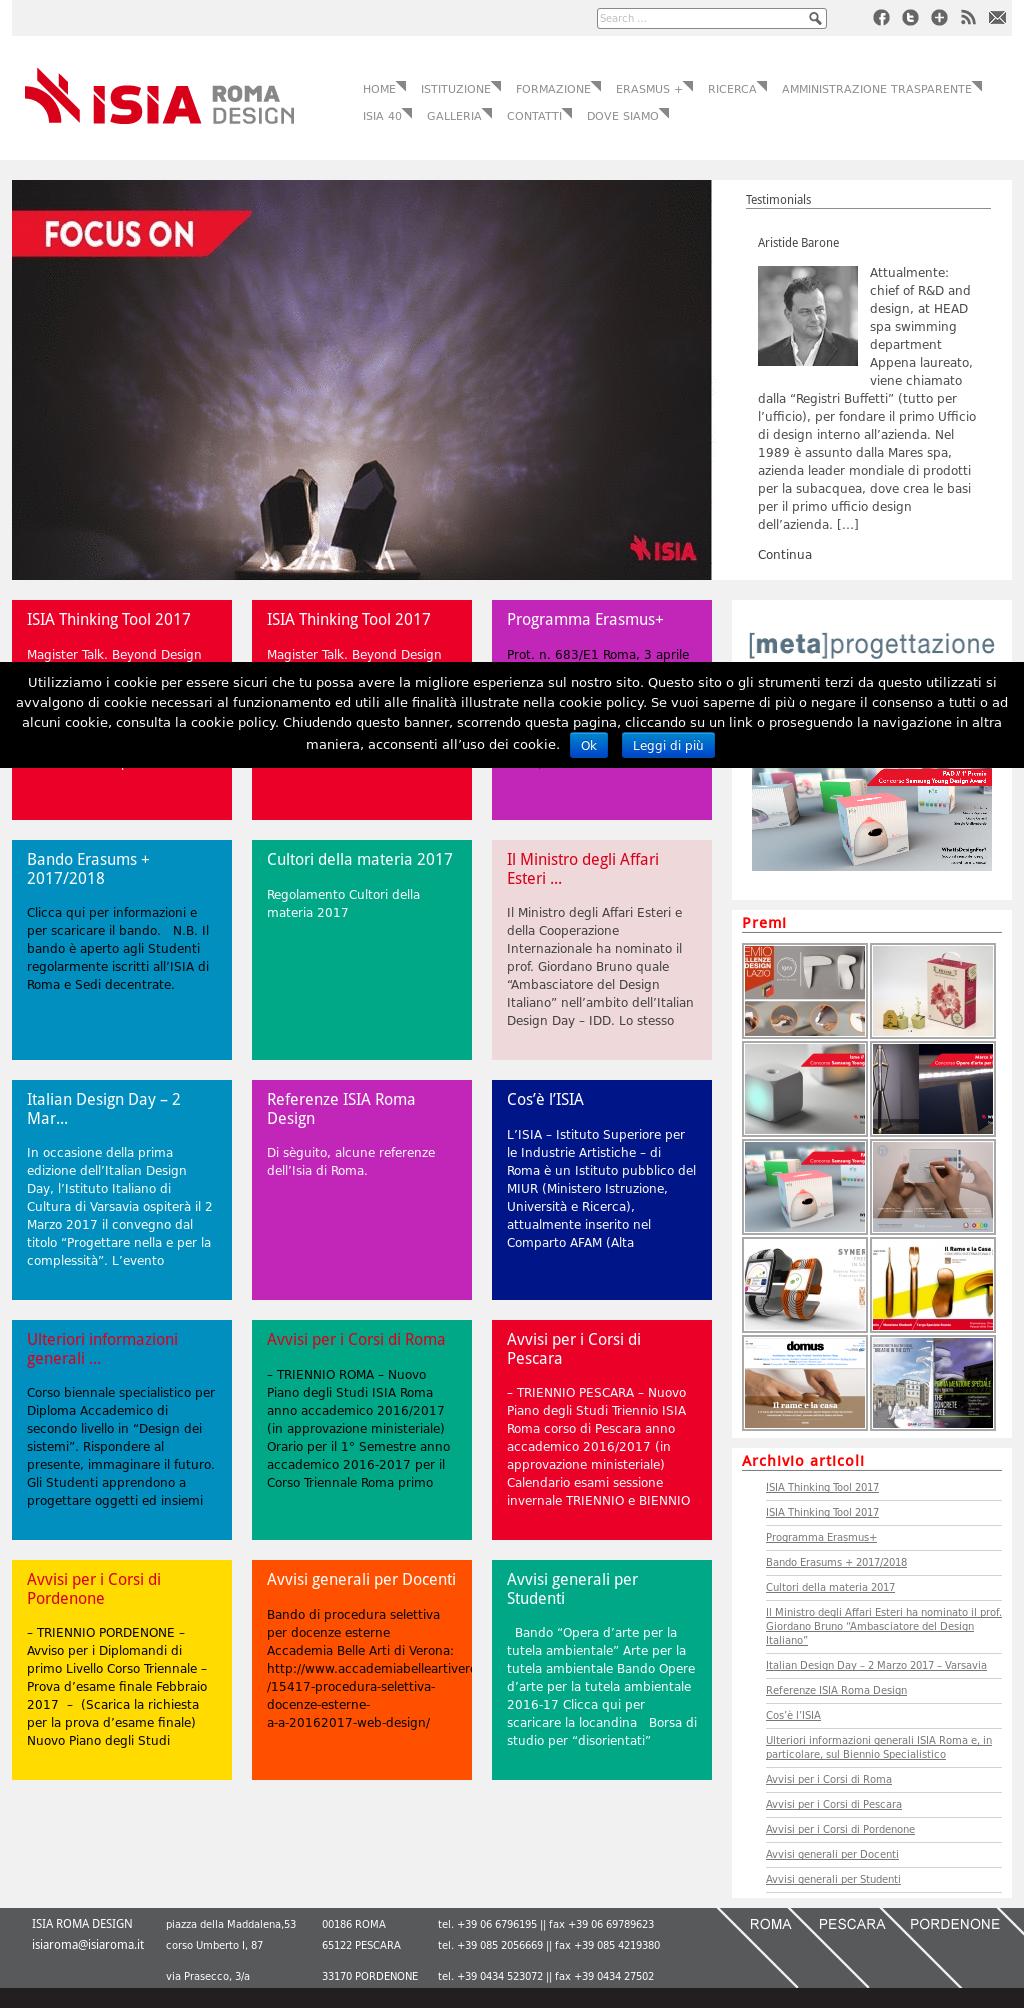 Design Degli Interni Roma isia roma design competitors, revenue and employees - owler